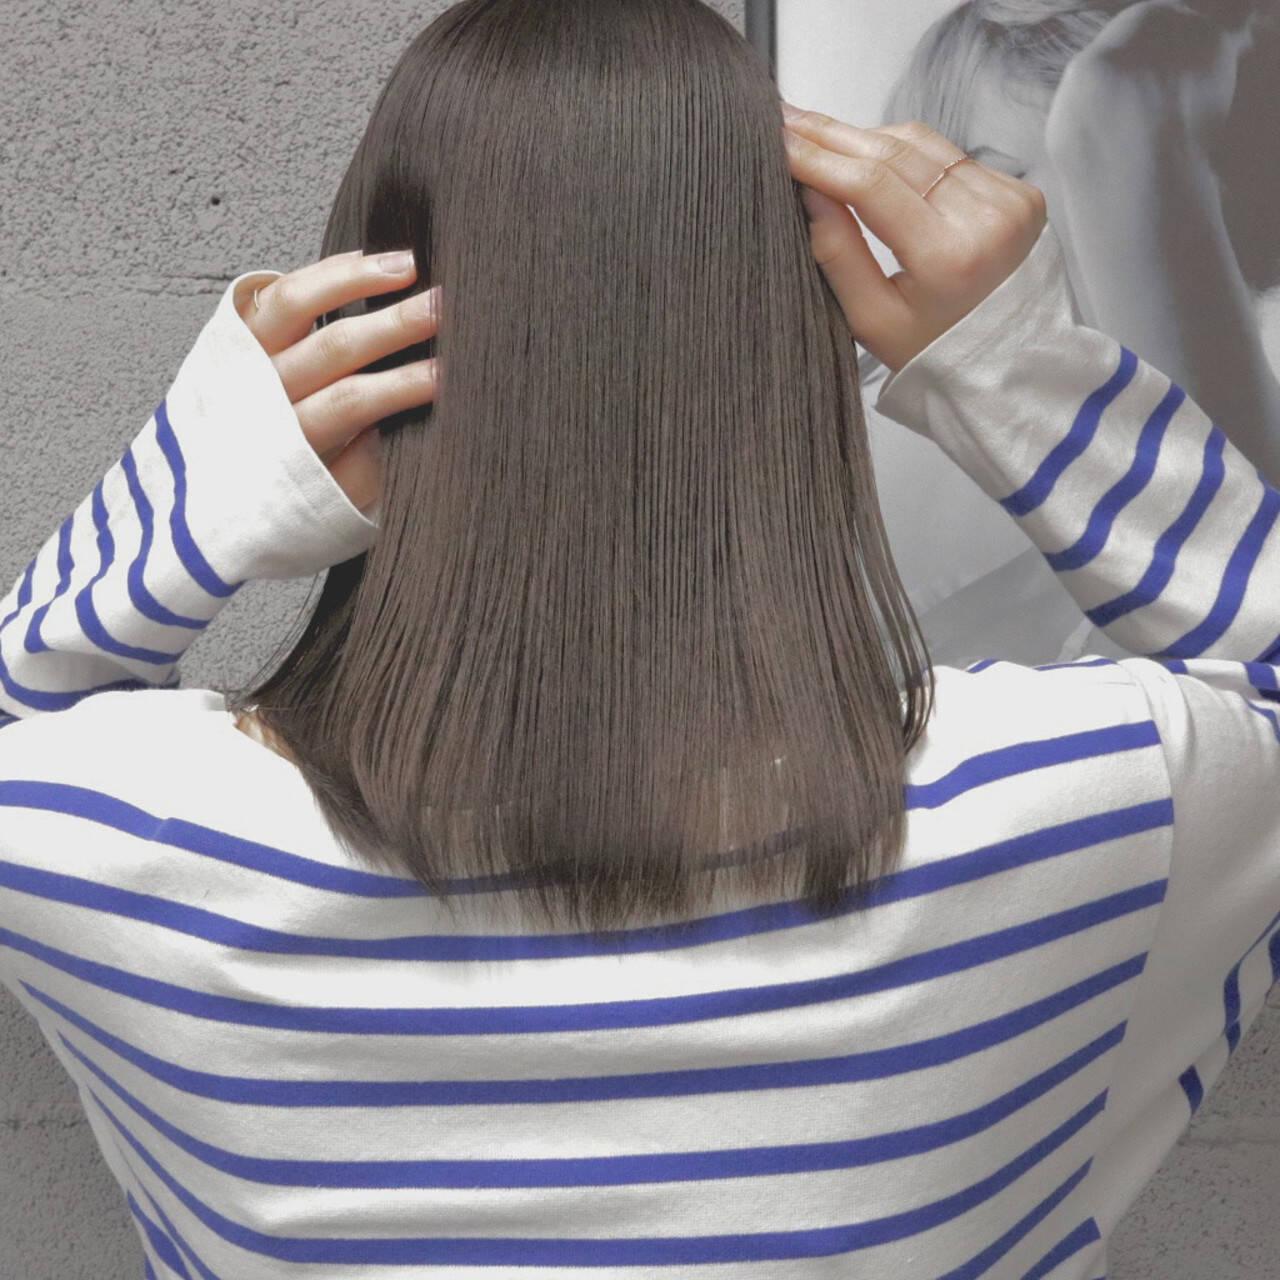 ミディアム アッシュベージュ 透明感カラー ナチュラル可愛いヘアスタイルや髪型の写真・画像